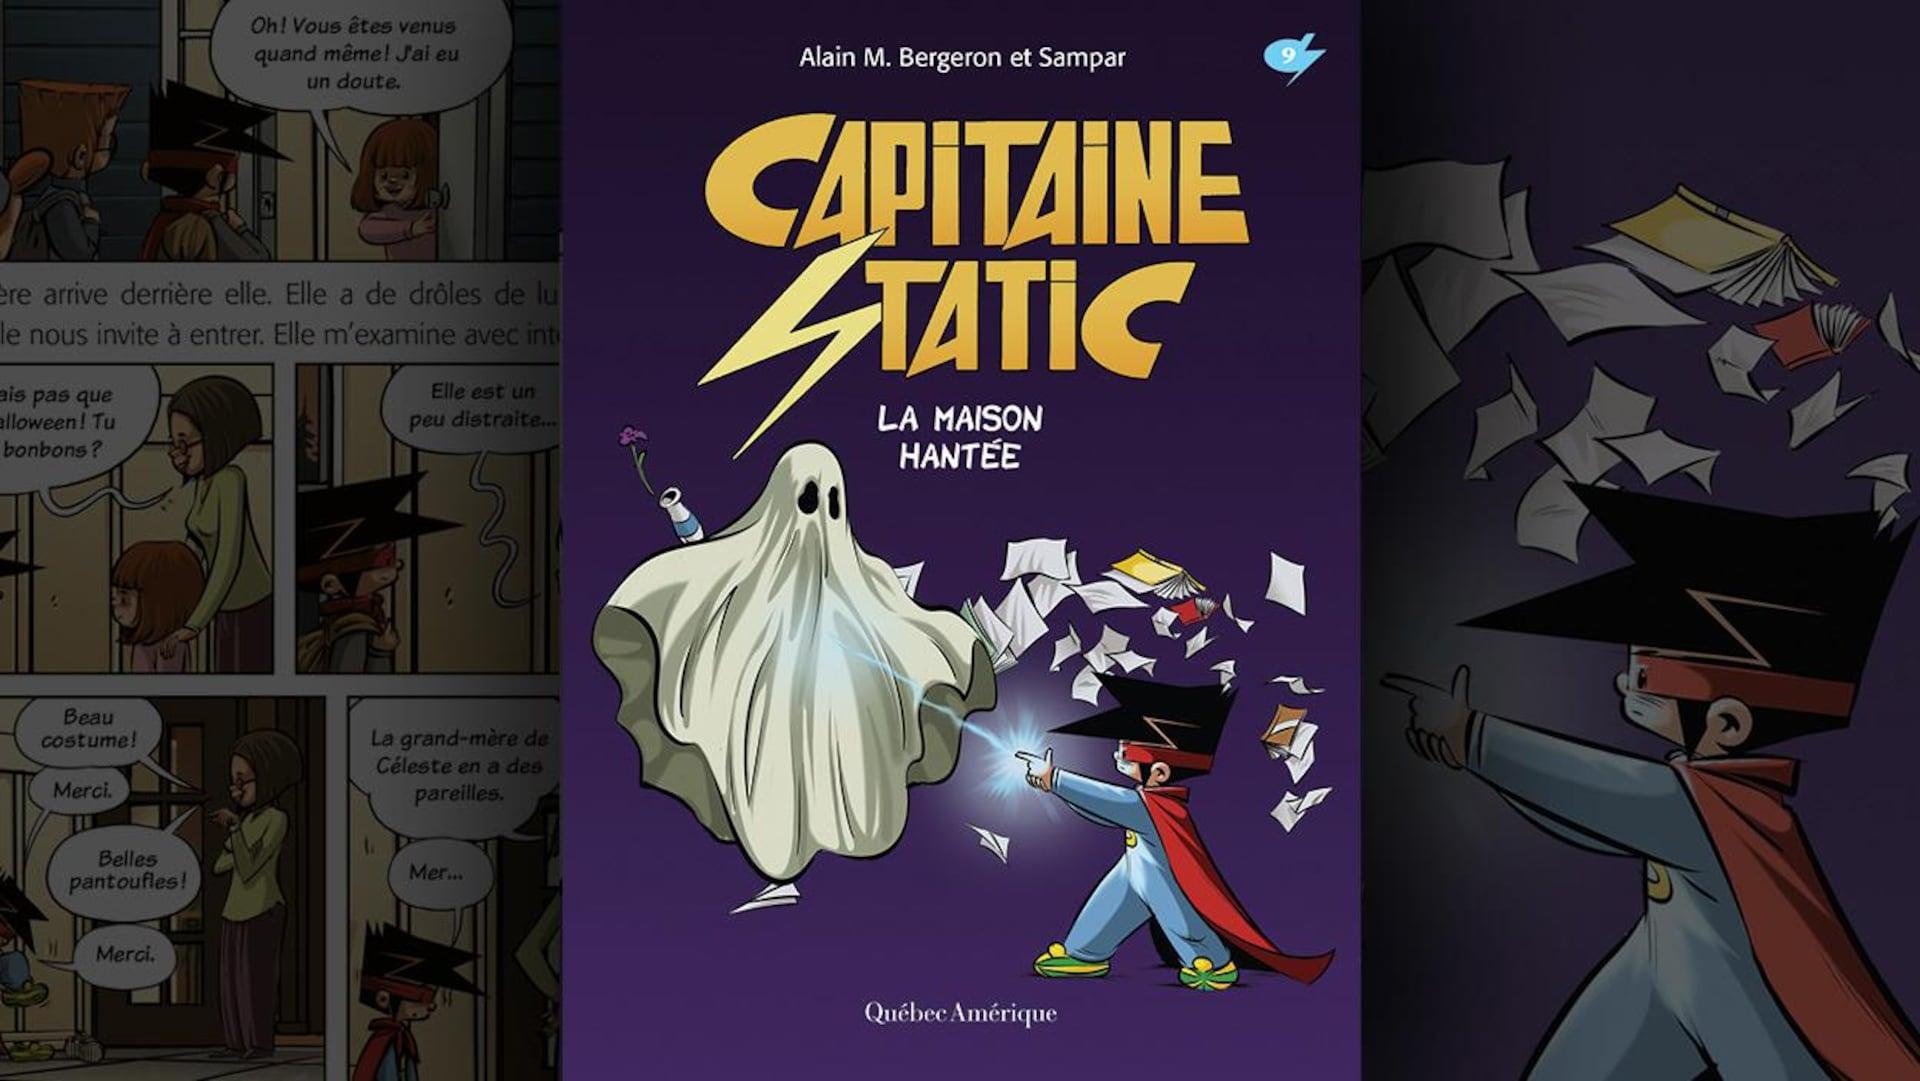 Illustration du livre : un enfant en super héros tire un rayon laser, avec son doigt, sur un fantôme.